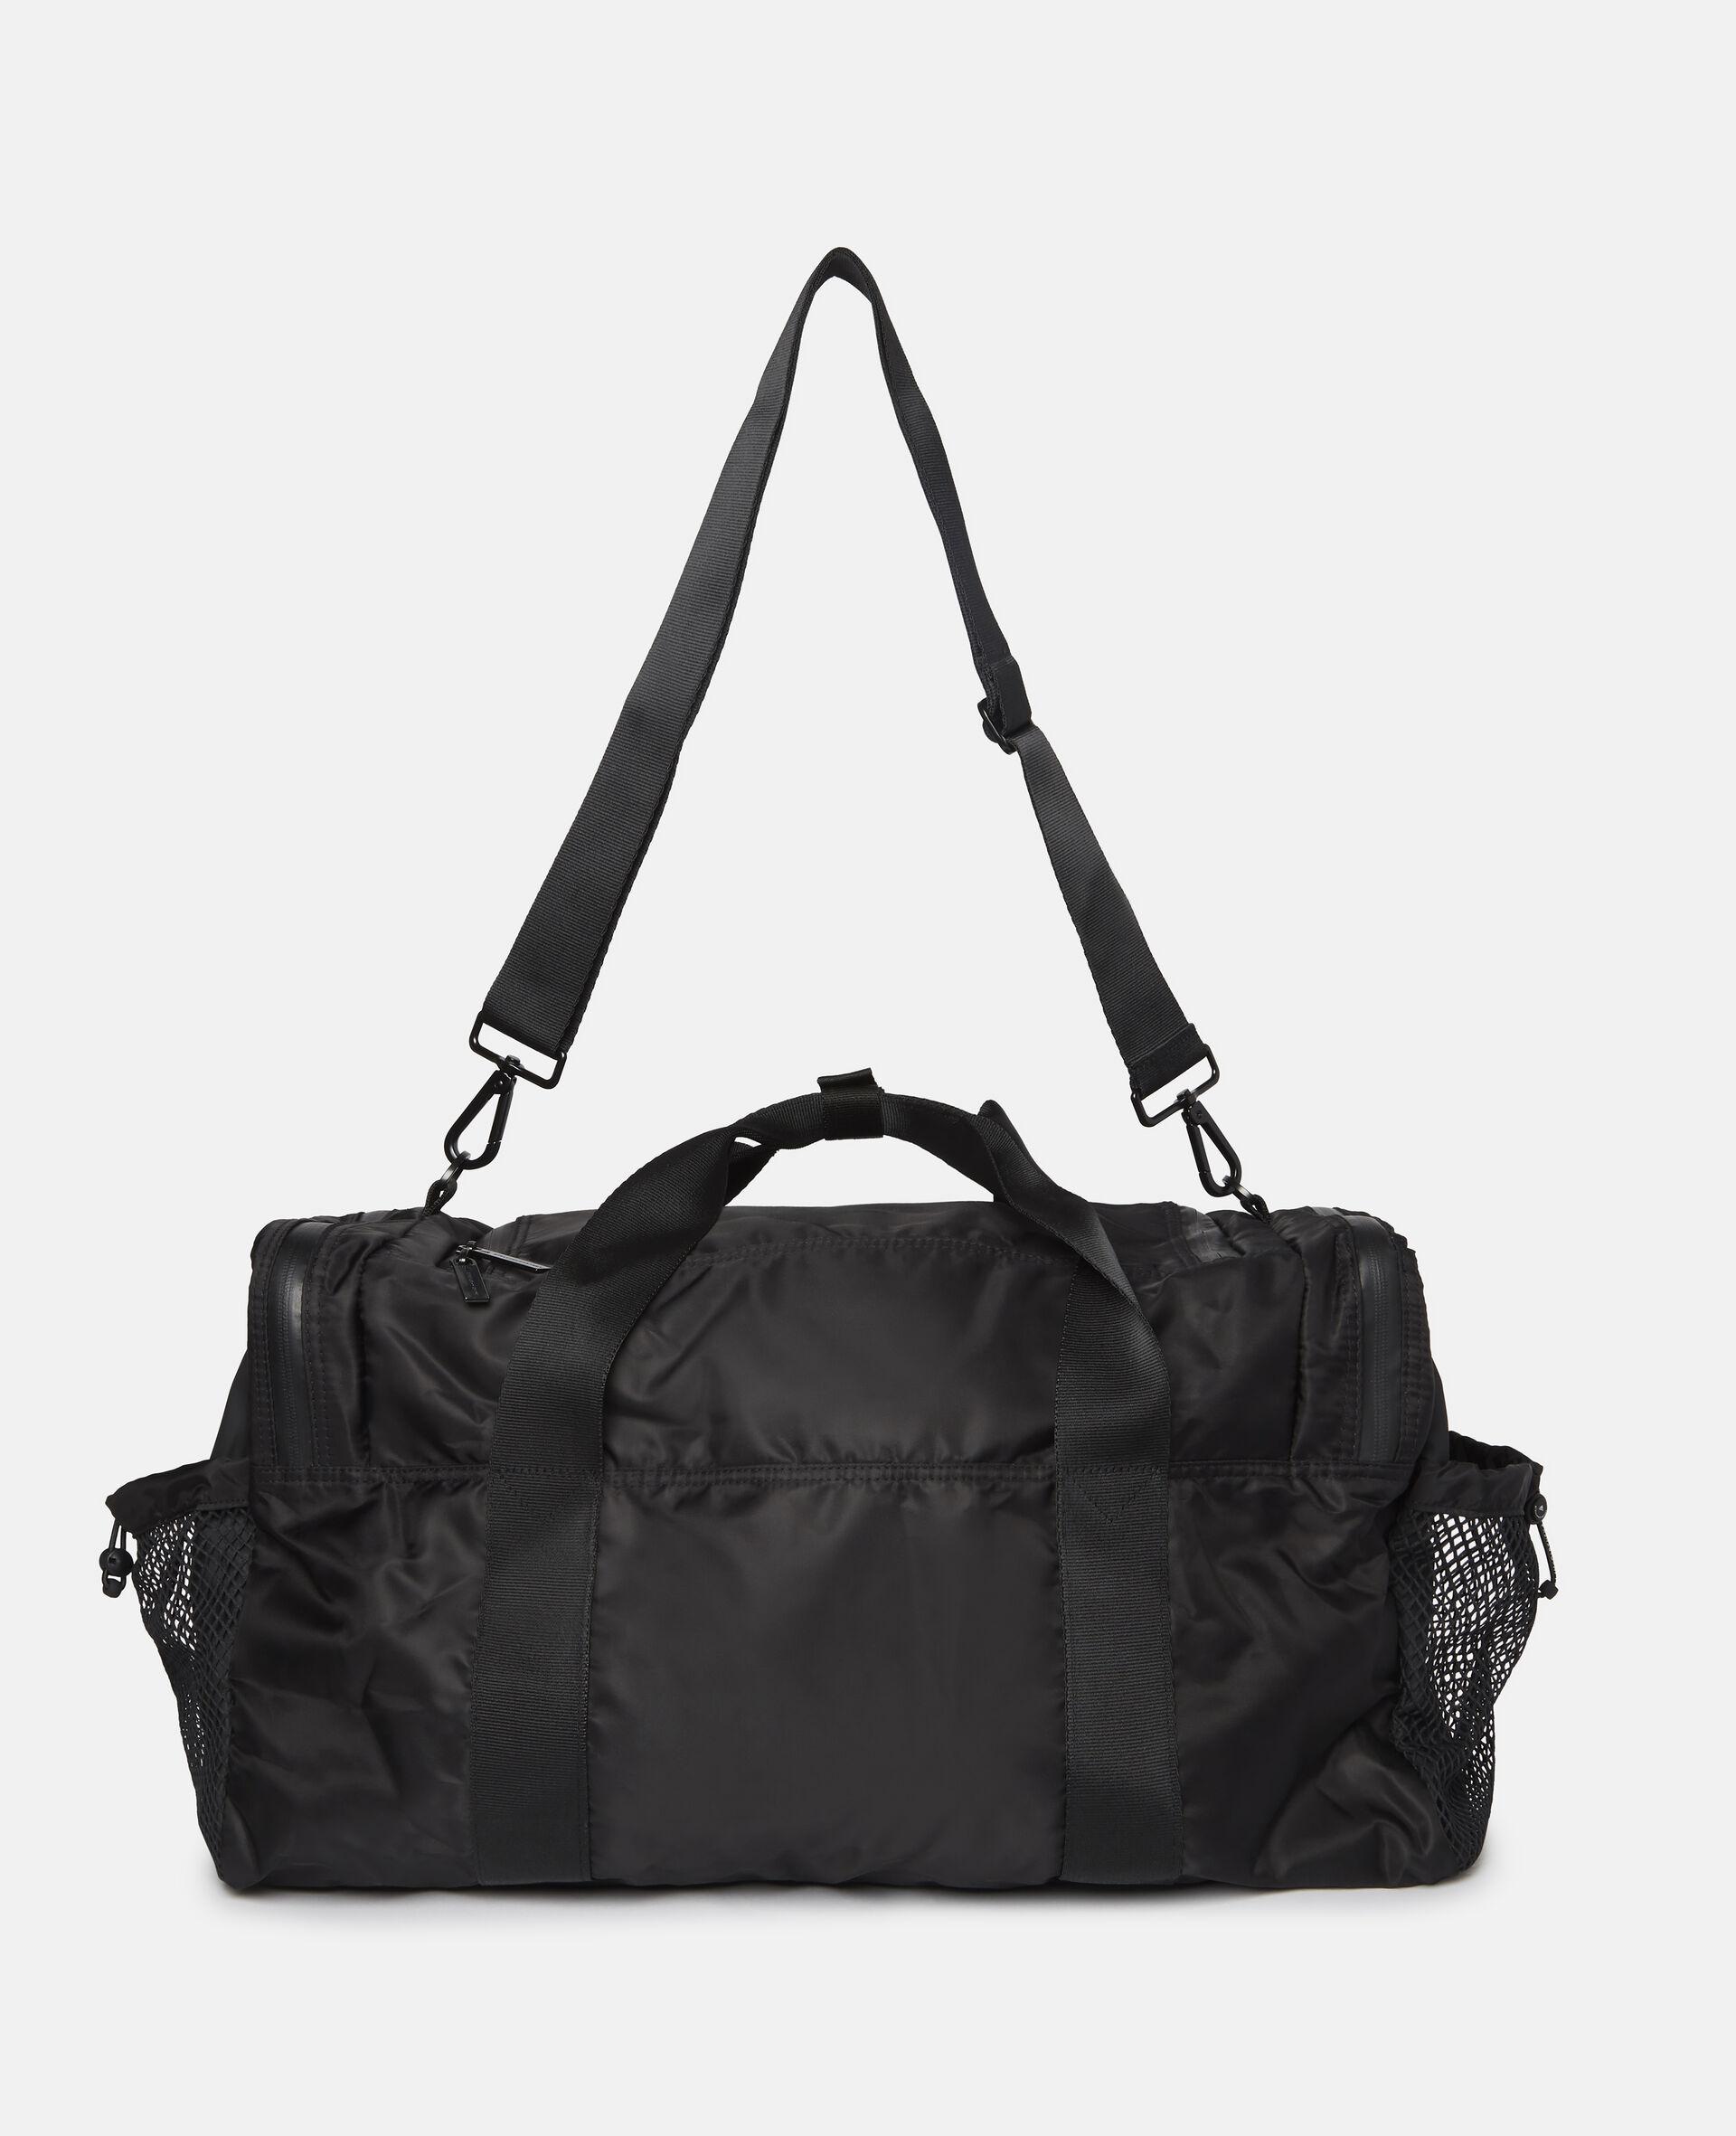 Black Squared Studiobag-Black-large image number 4